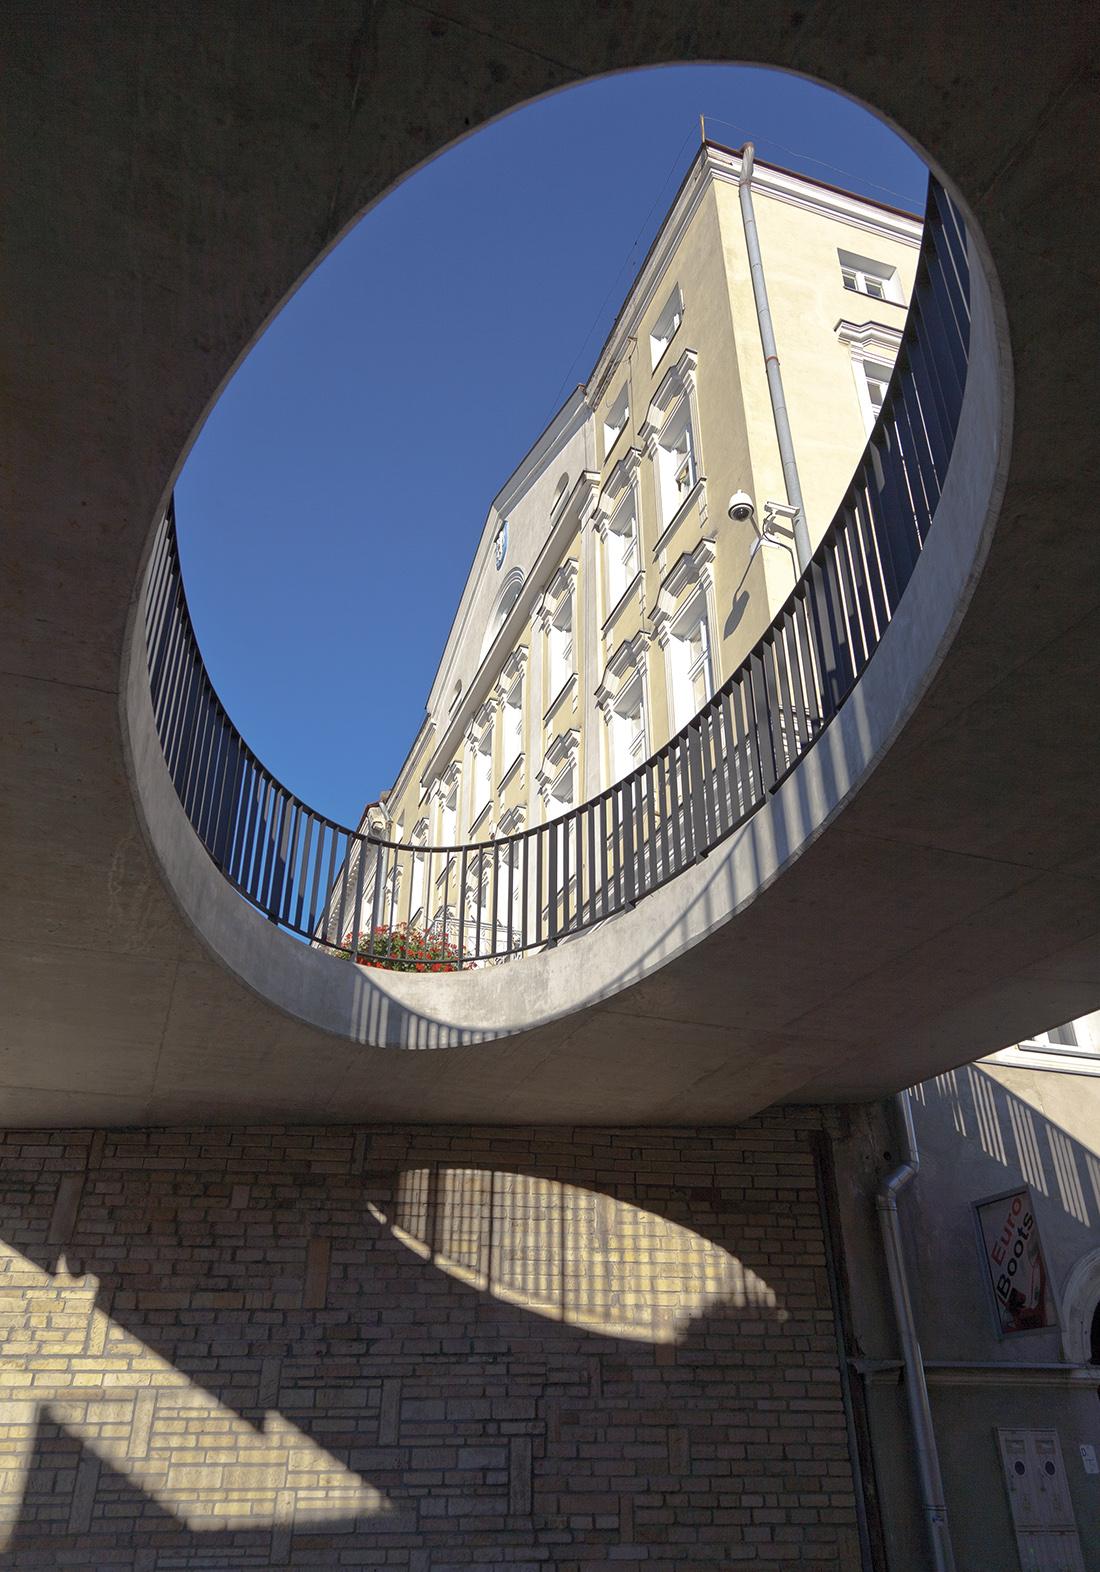 Rewitalizacja starówki wGorlicach, widok spod betonowej kładki na ratusz